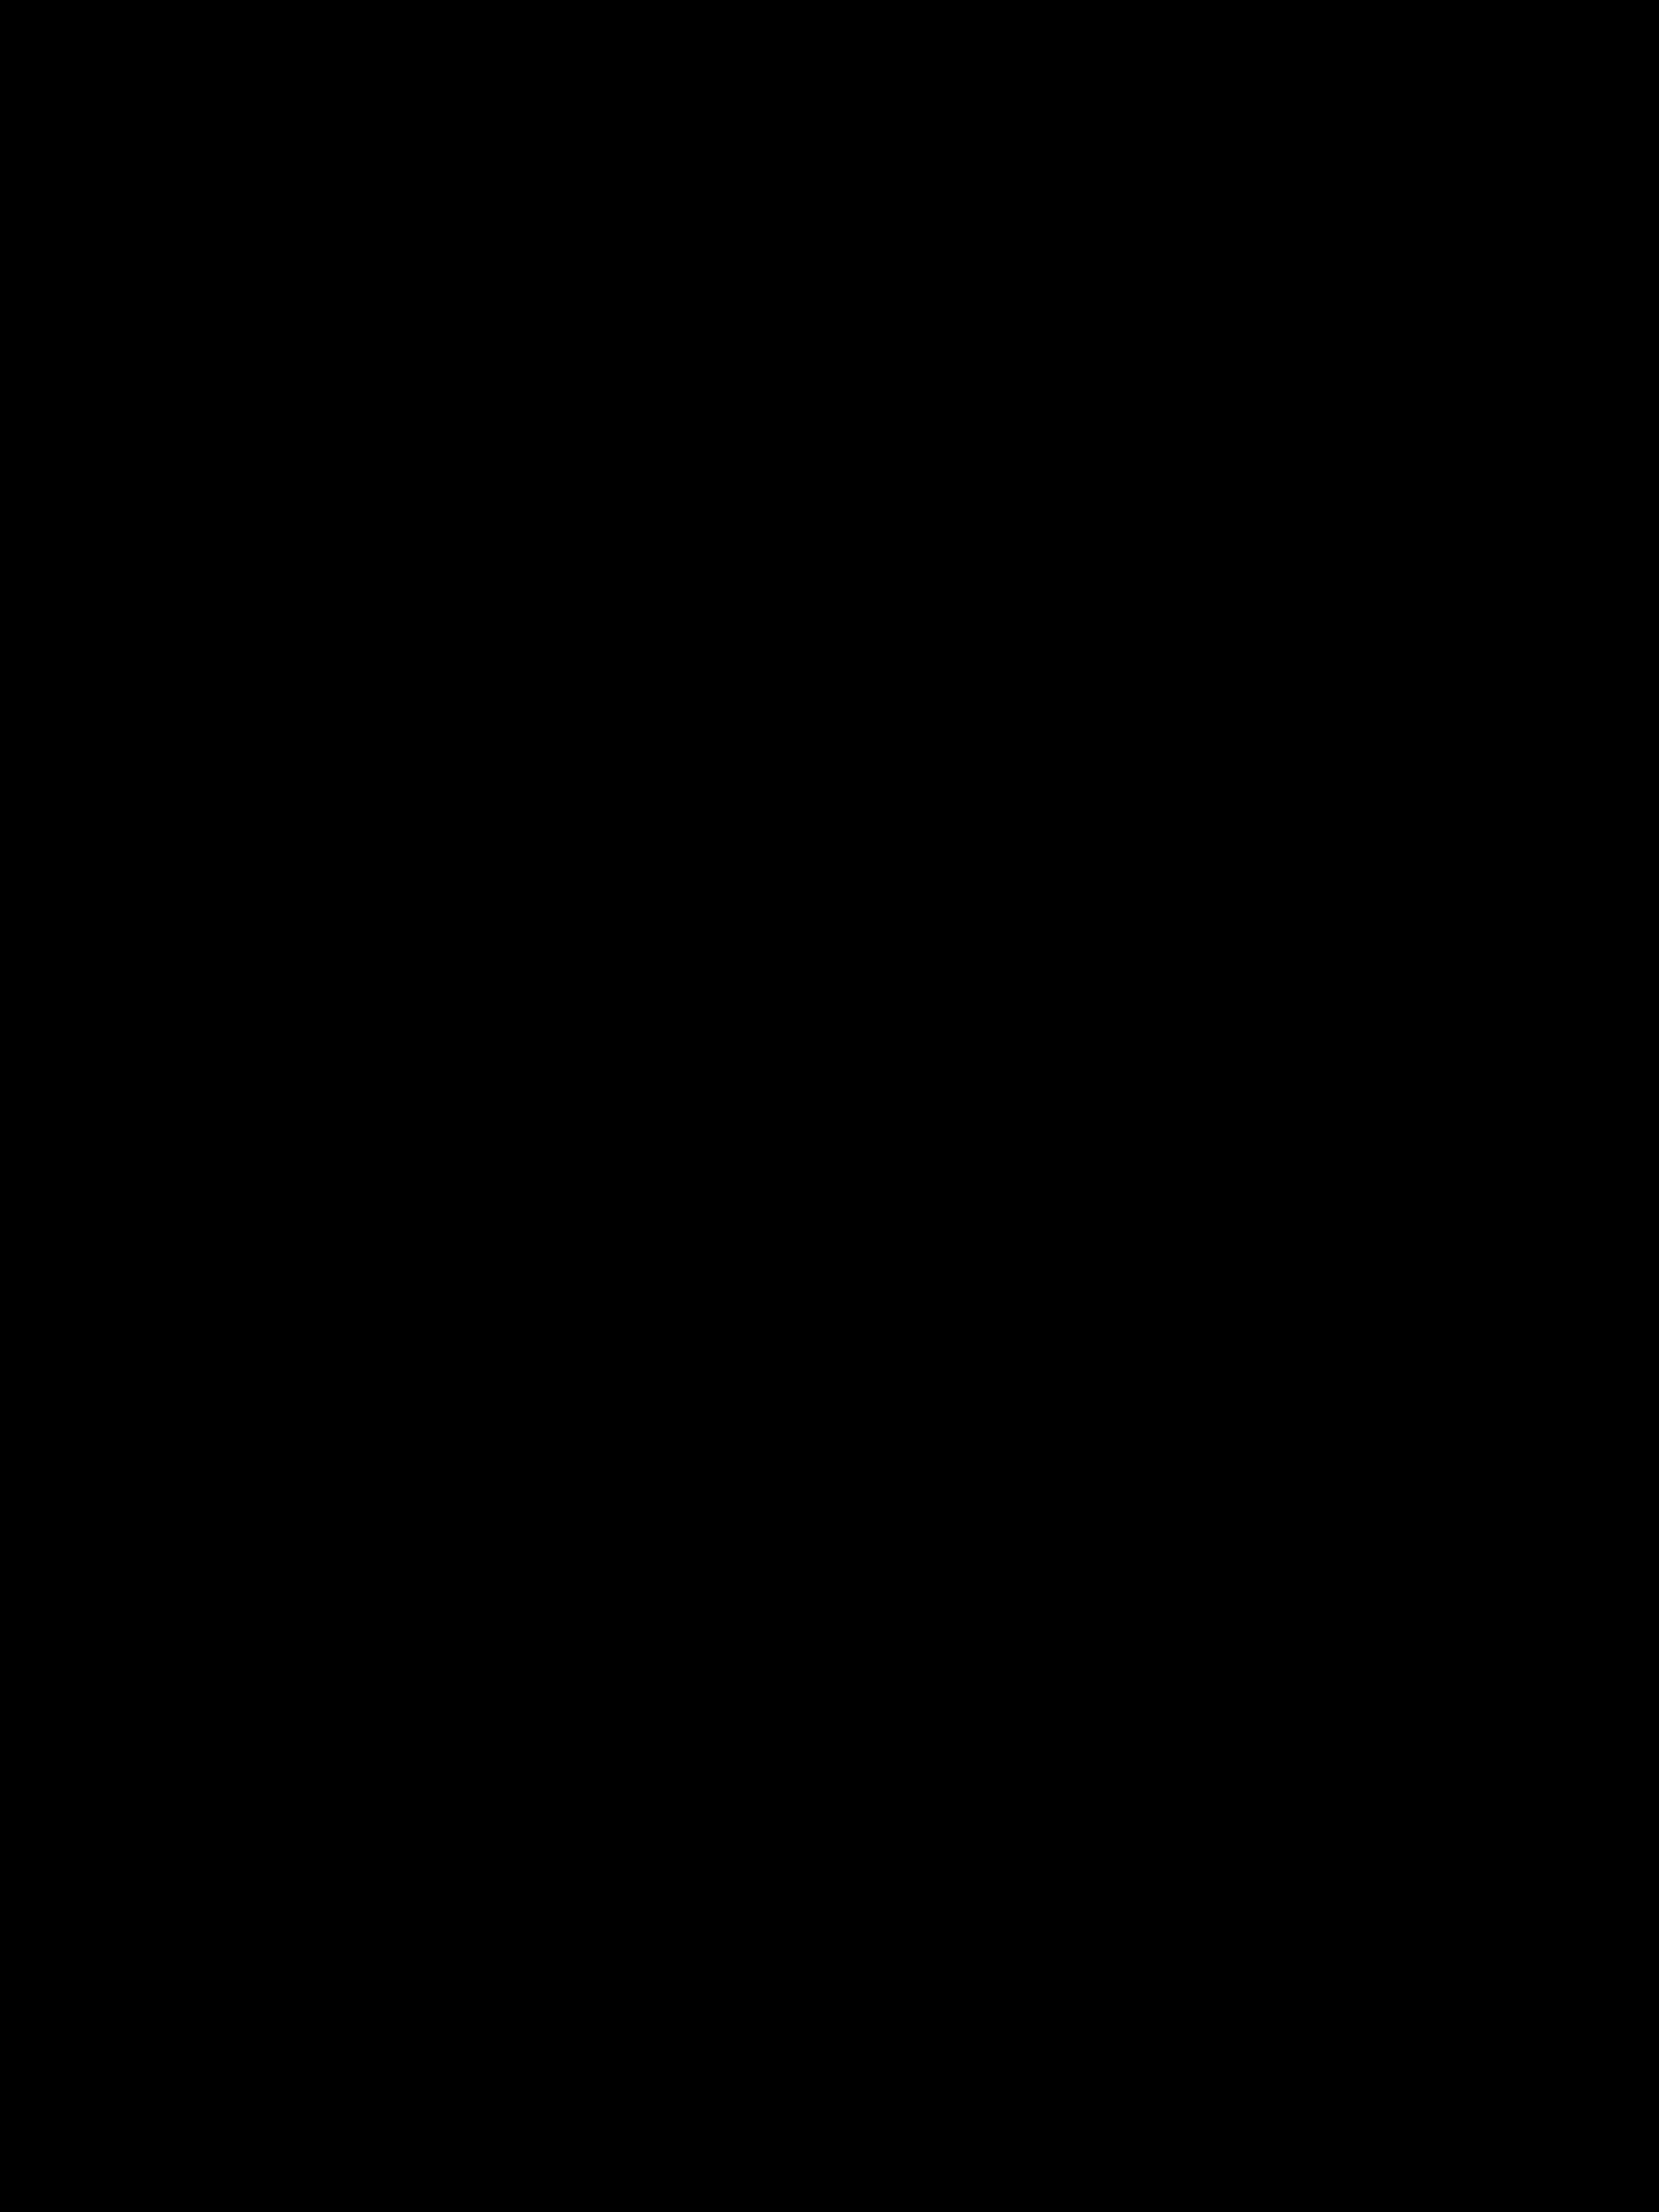 картинка мошка на белом трюк можно использовать